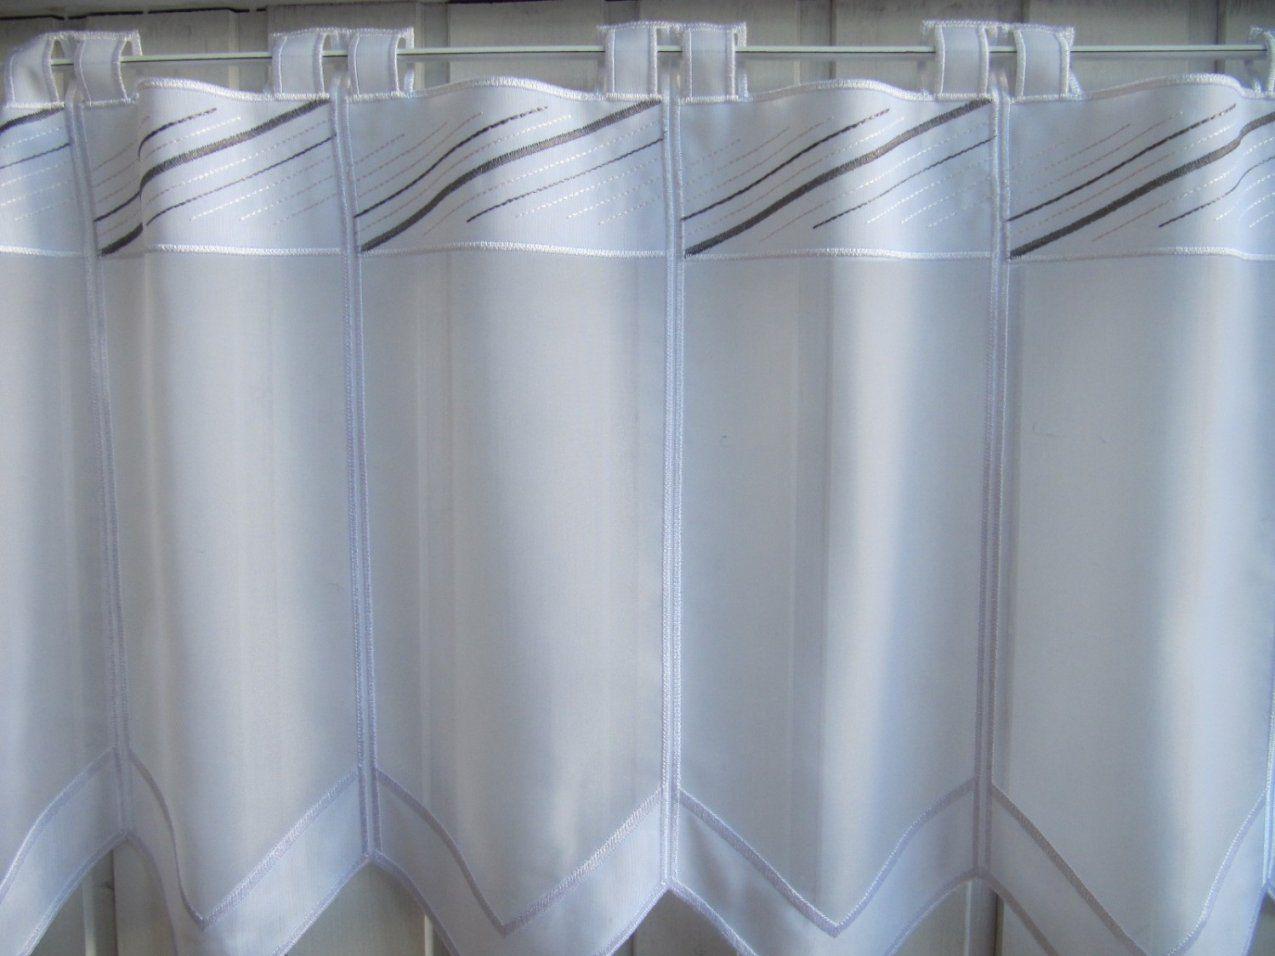 Scheibengardine Weiß Grau Modern Stickmuster 60 Cm Hoch  Kaufen Bei von Scheibengardinen Meterware 60 Cm Hoch Bild